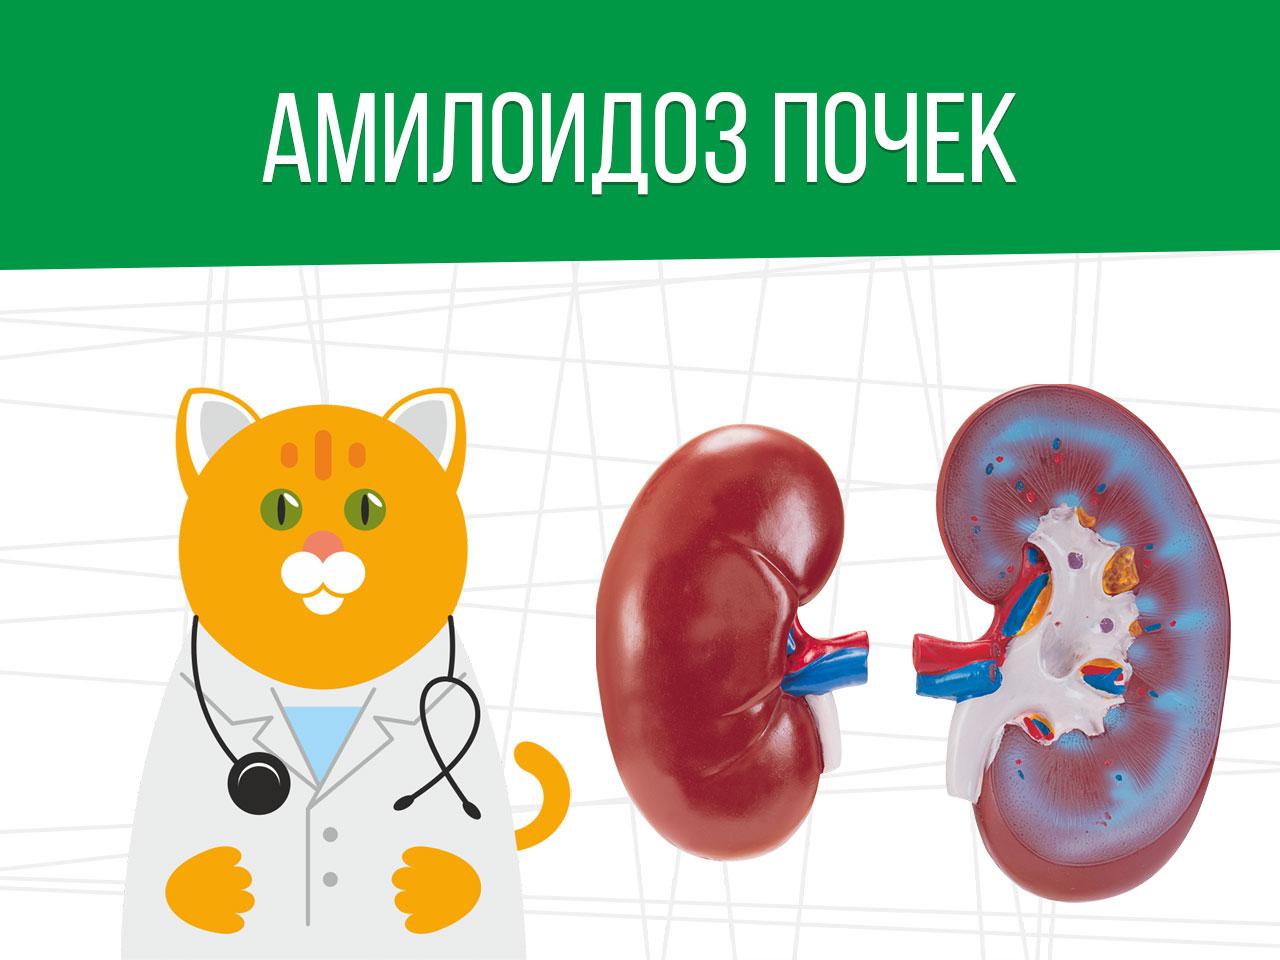 Амилоидоз почек: получение отсрочки от армии